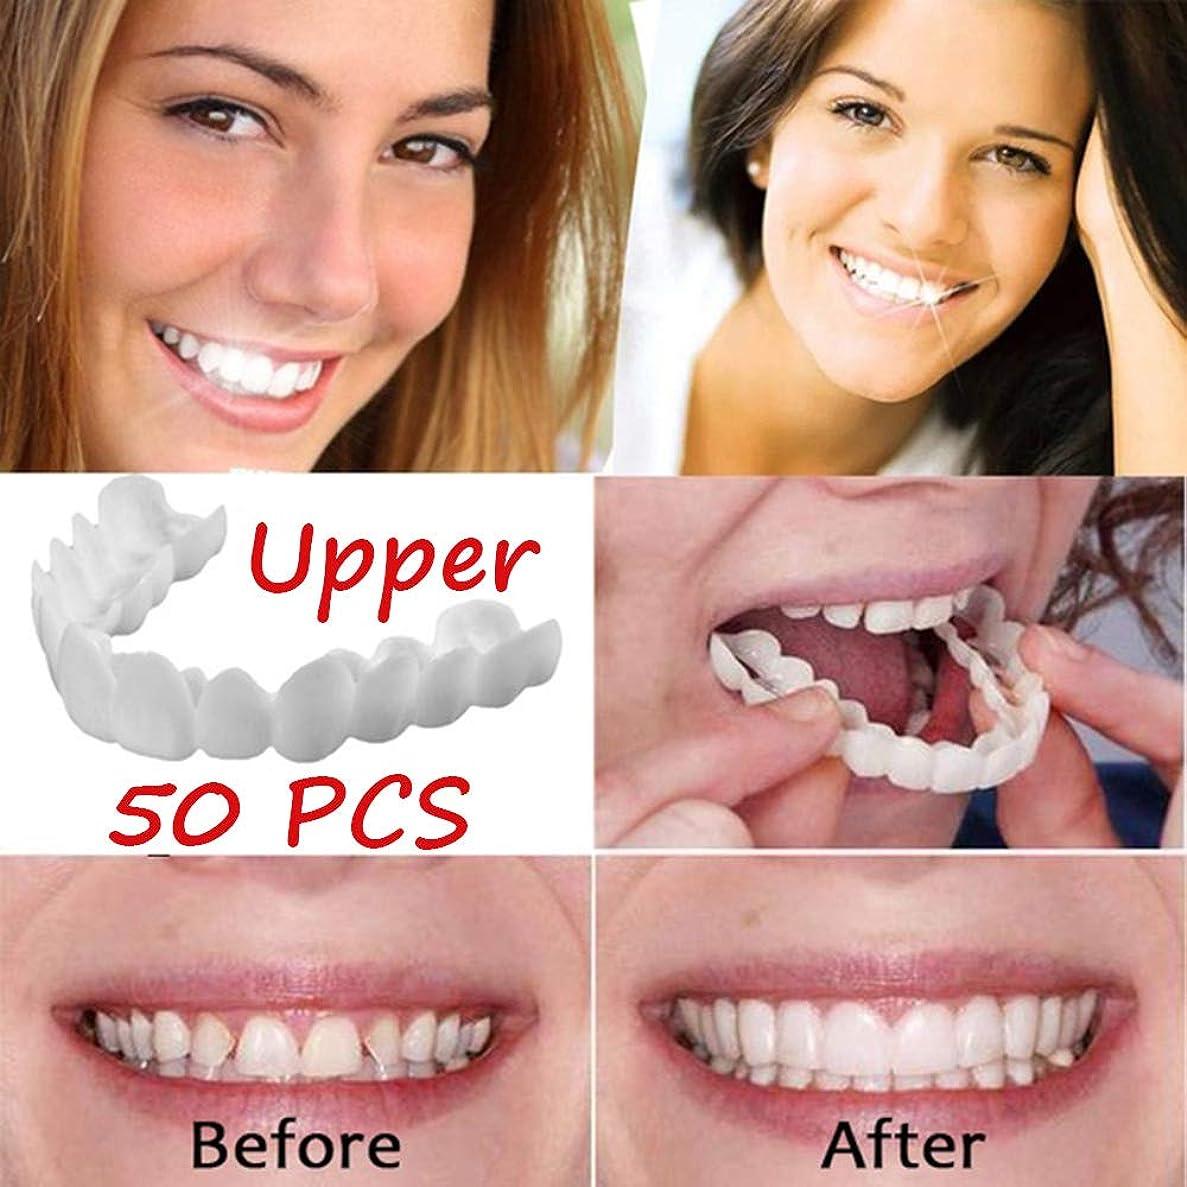 差別化する挨拶サスペンドトップ義歯カバー50ピースコンフォートベニア歯ホワイトニング義歯模擬歯即時笑顔美容義歯オーラルケア美容ツール